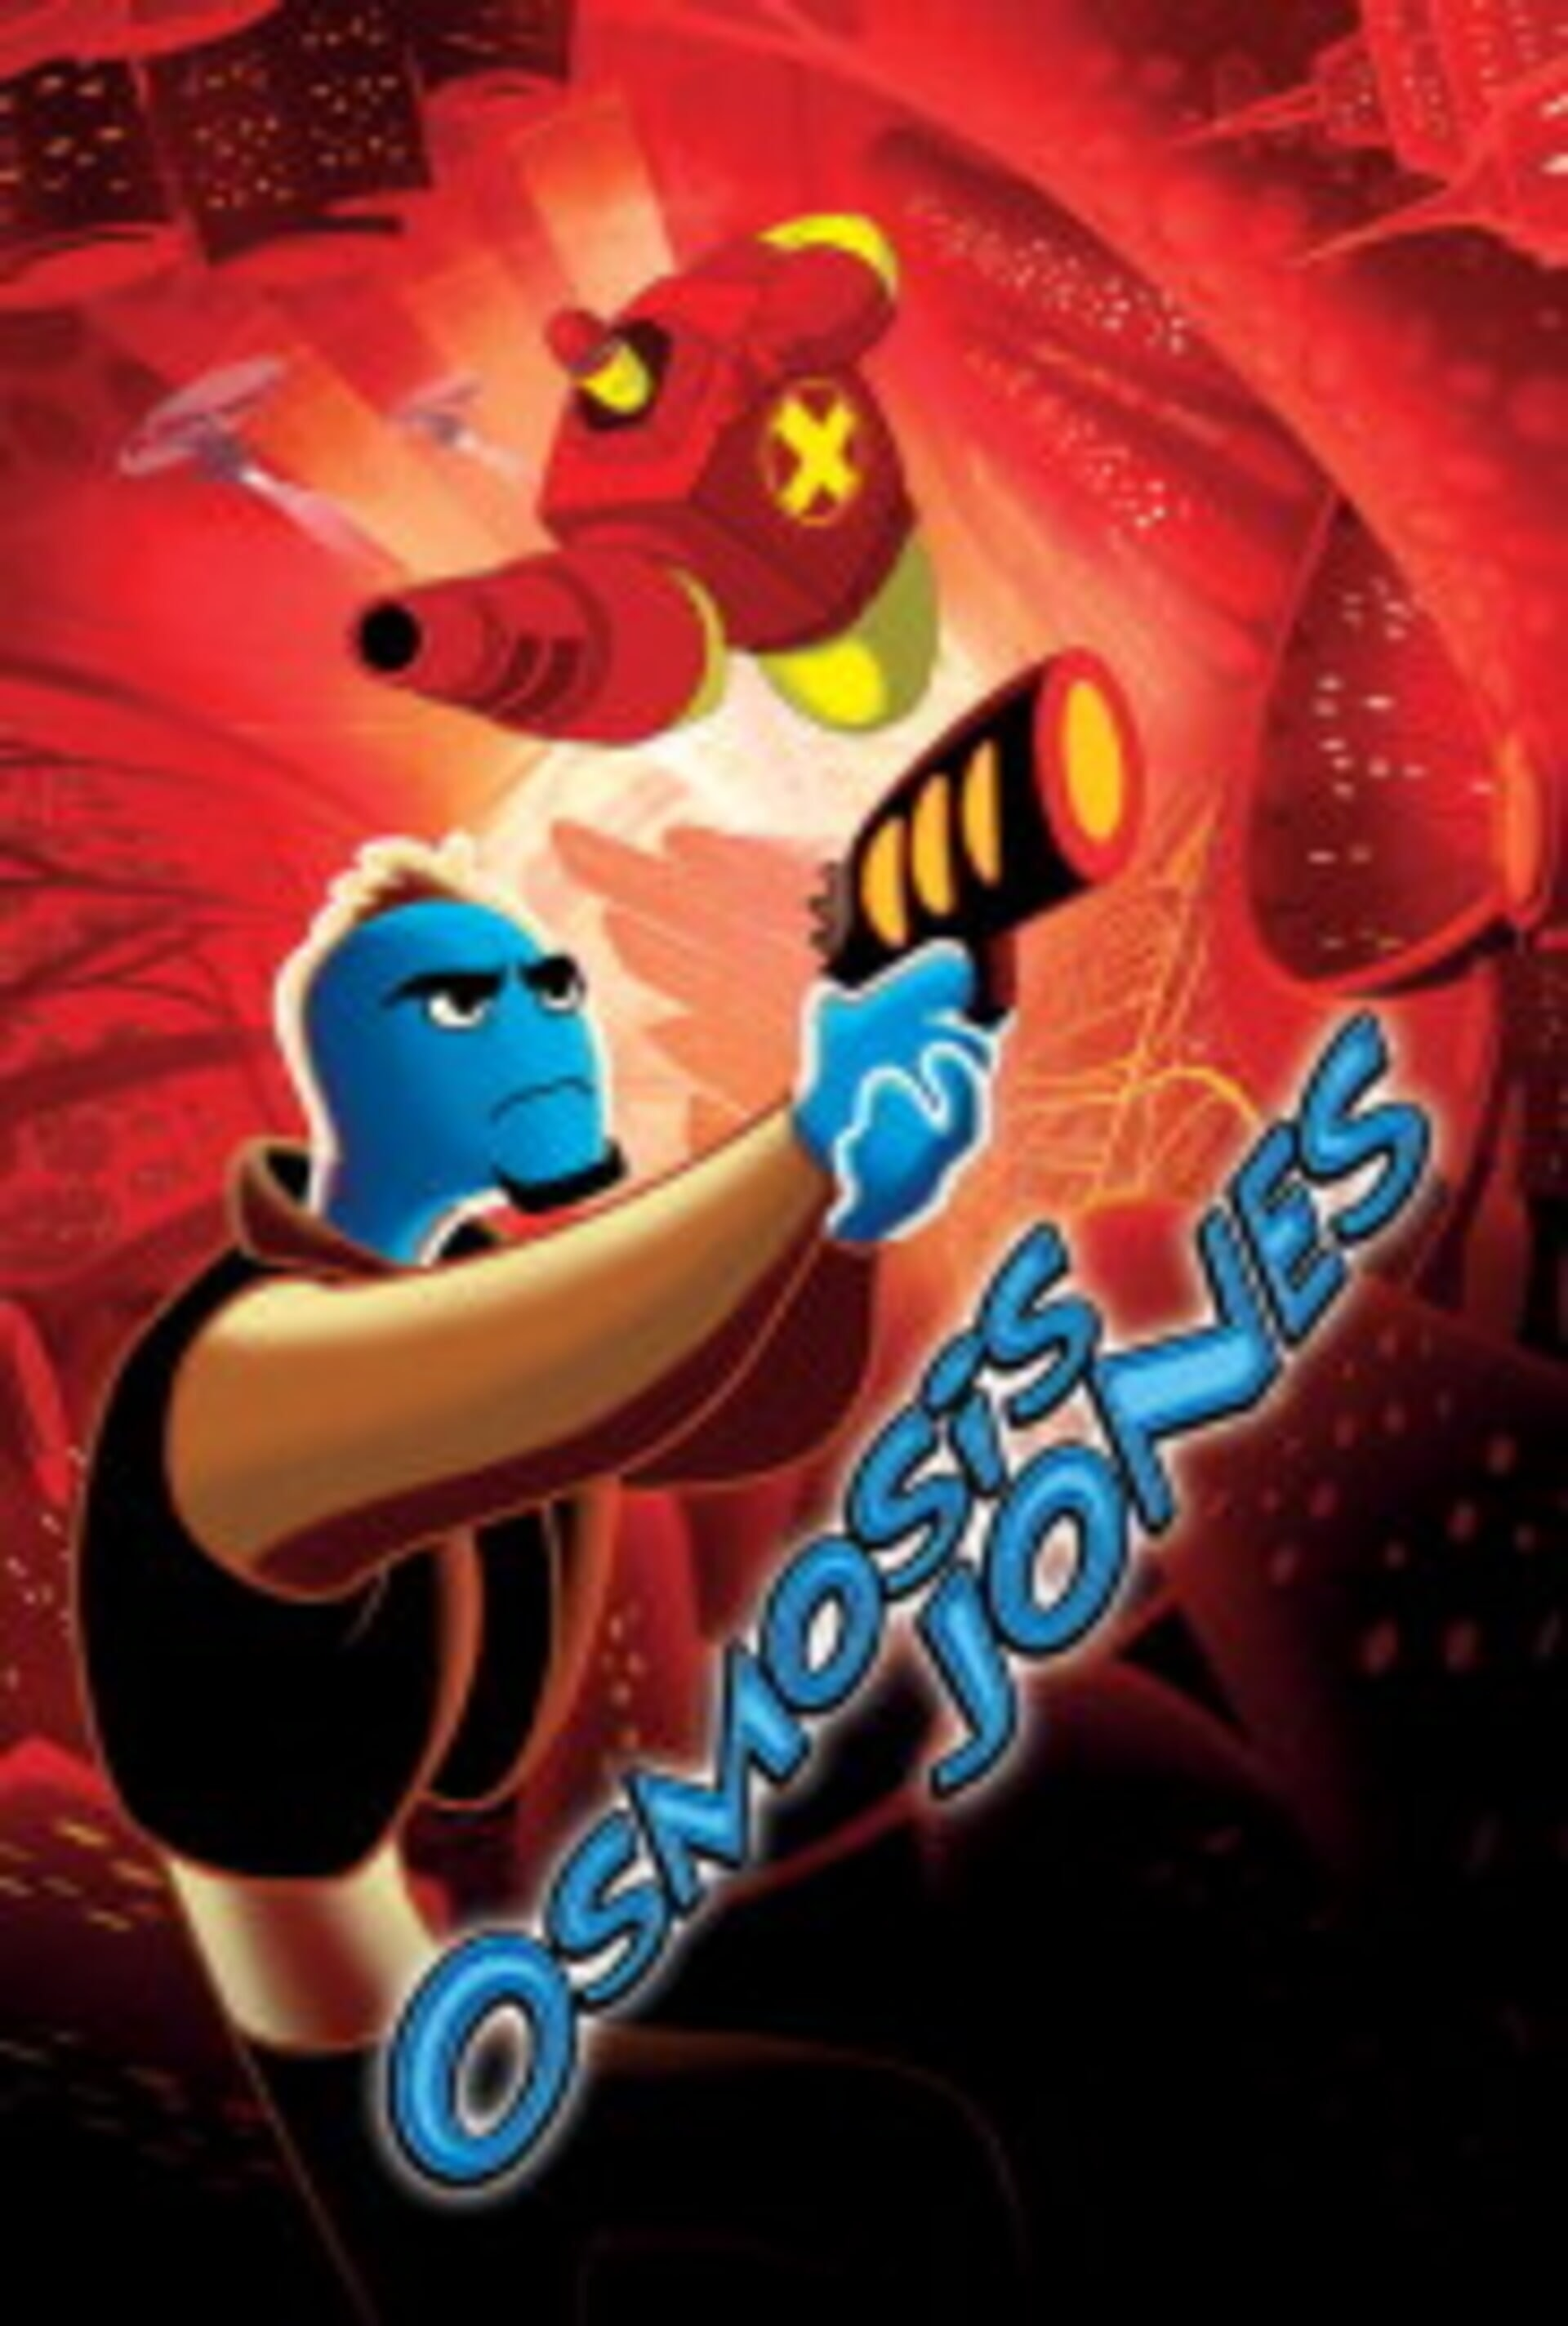 Osmosis Jones - Image 3